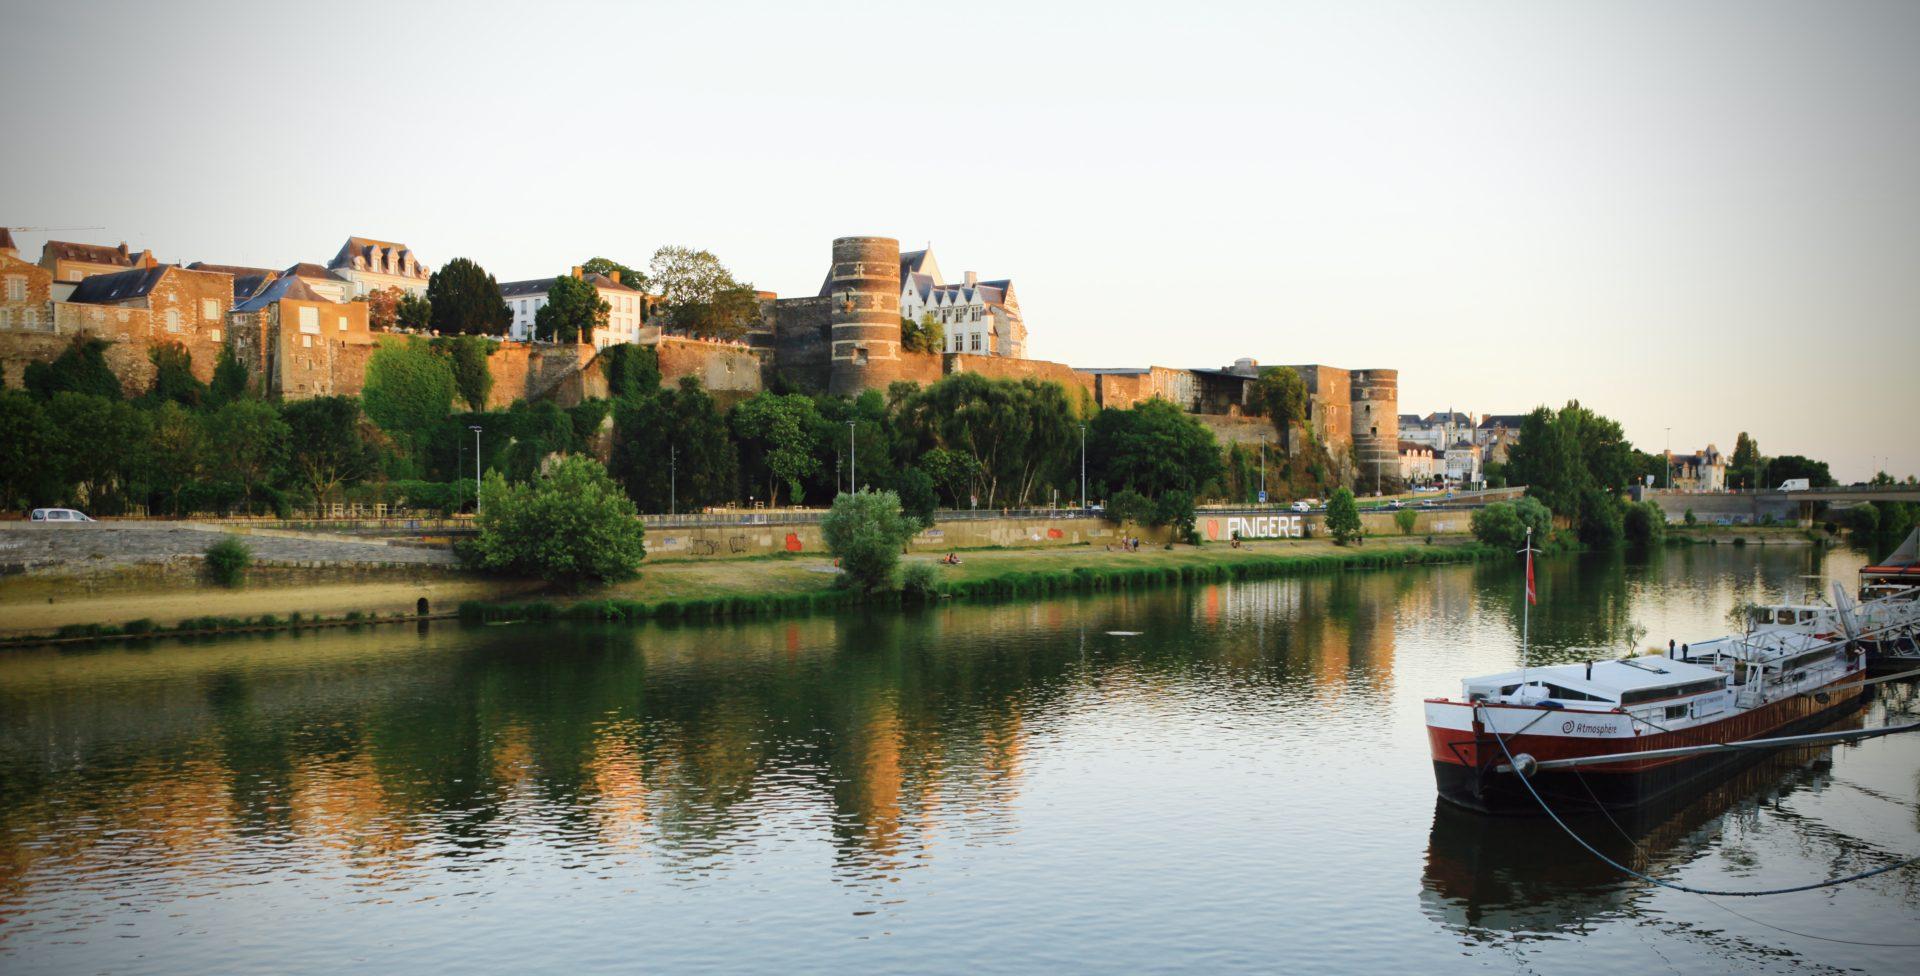 Vue de la Maine et du château d'Angers